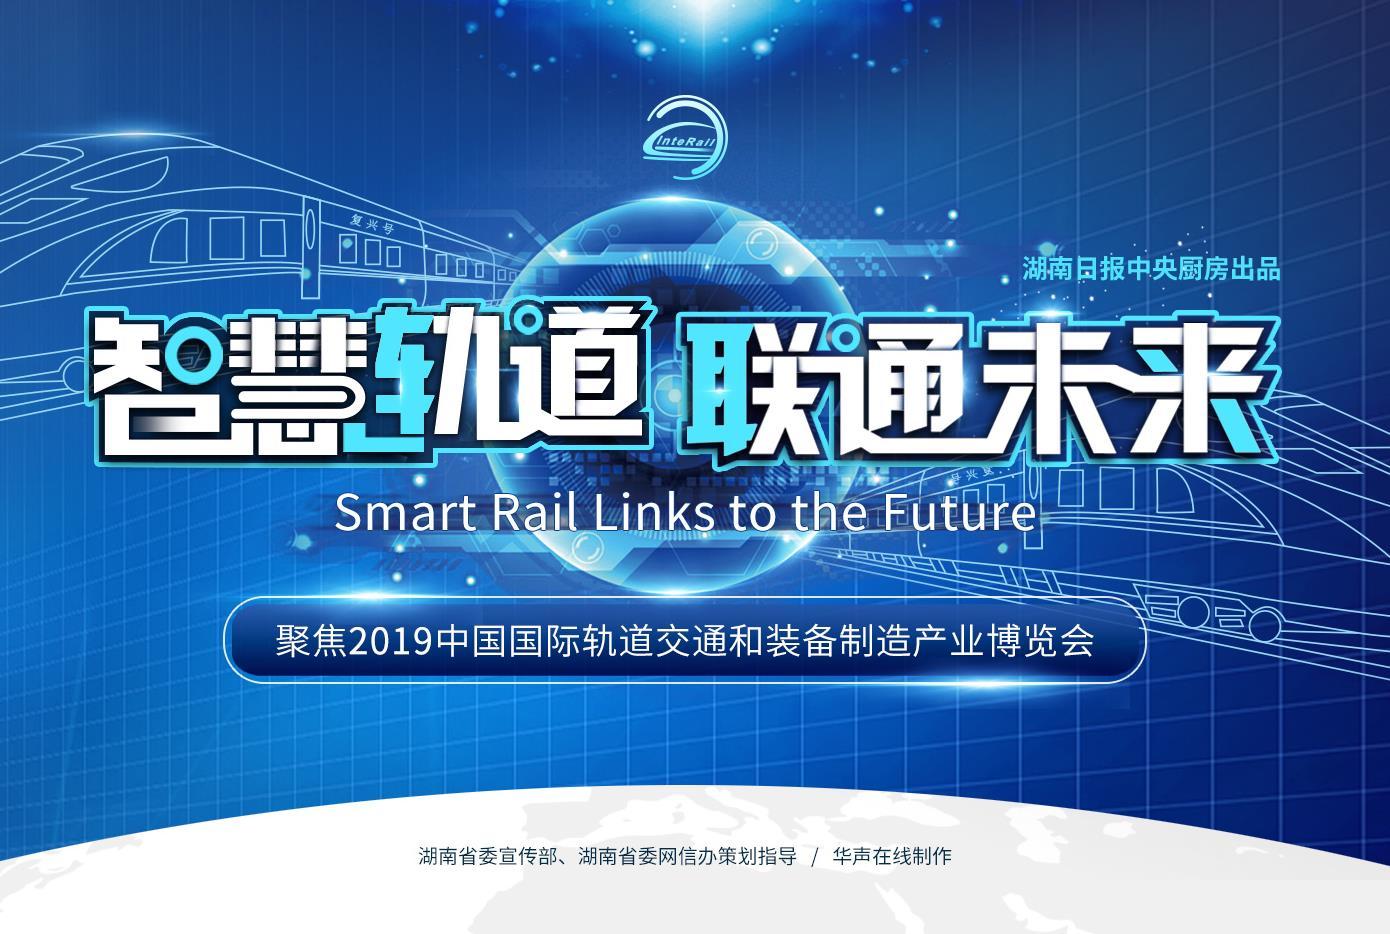 2019中国国际轨道交通和装备制造产业博览会